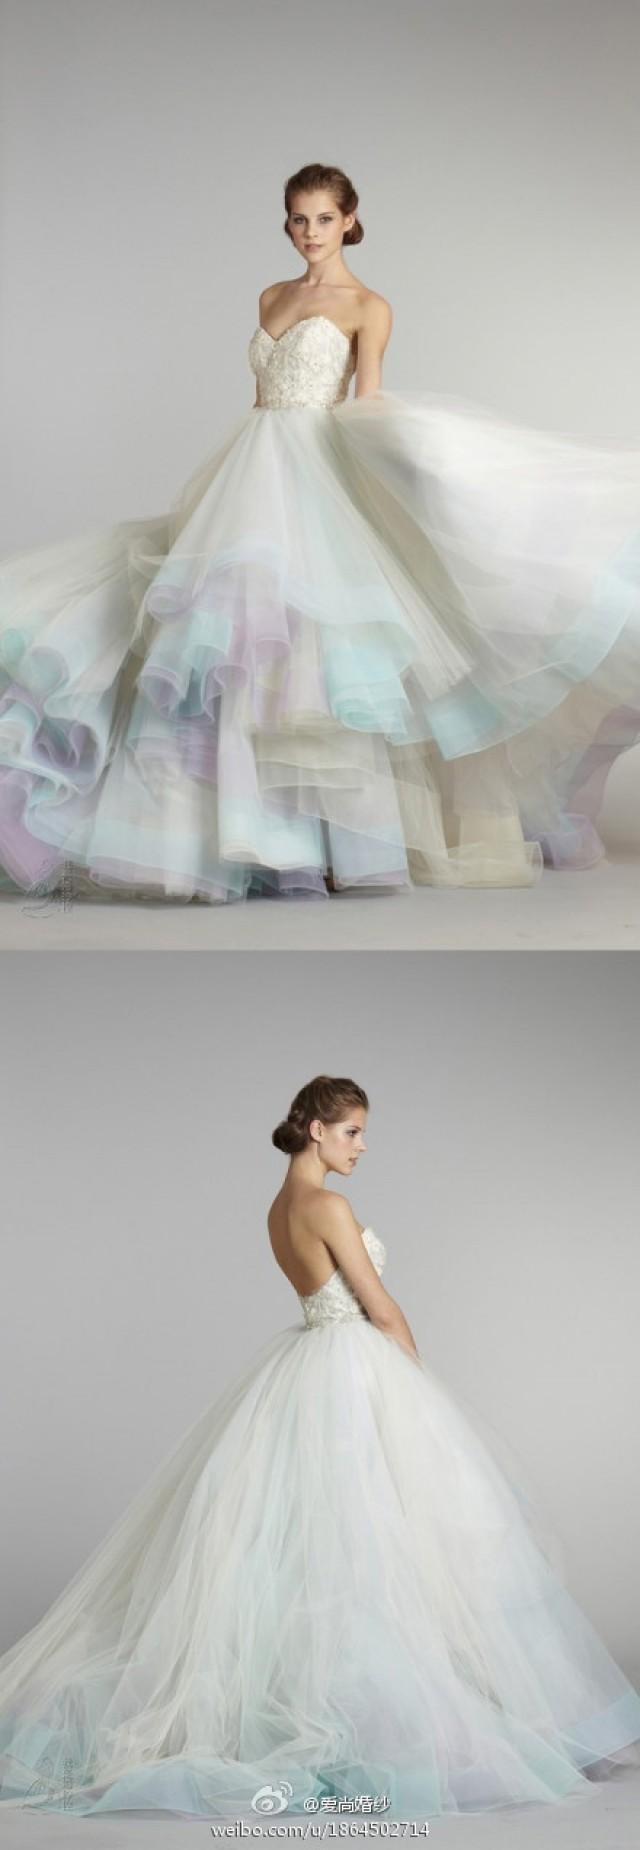 Kleiden - Lazaro Brautkleider #2047171 - Weddbook